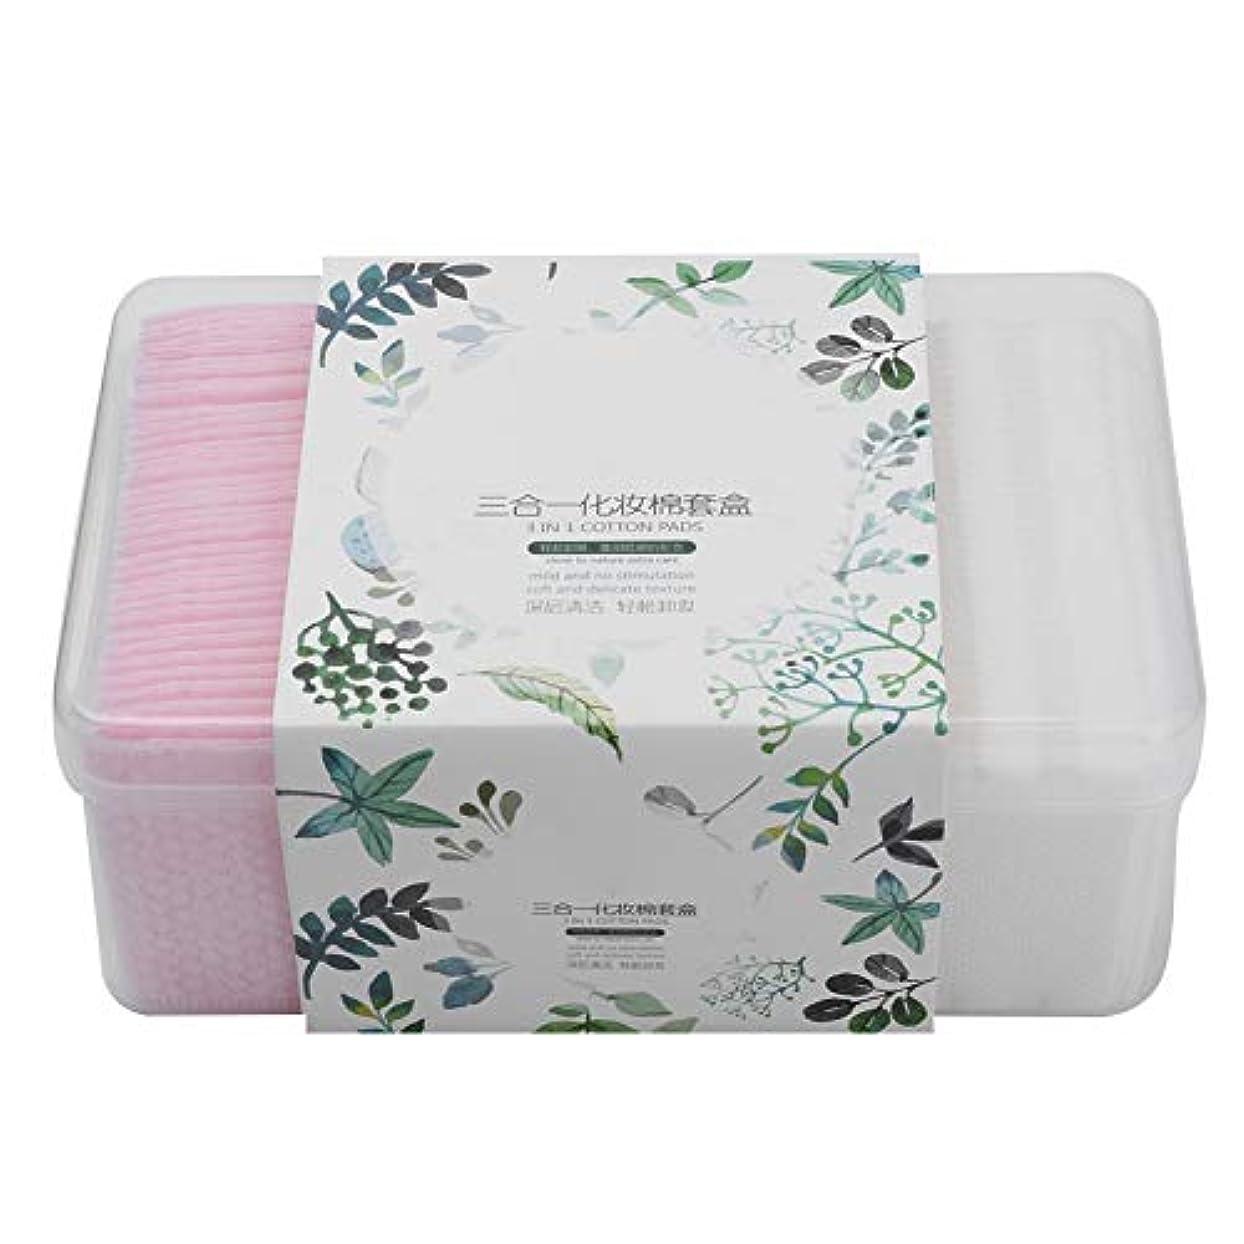 用量困惑リーフレット280Pcs /箱の構造の綿パッド、スキンケアの構造の除去剤のための顔の清潔になる綿および他の事は拭きます